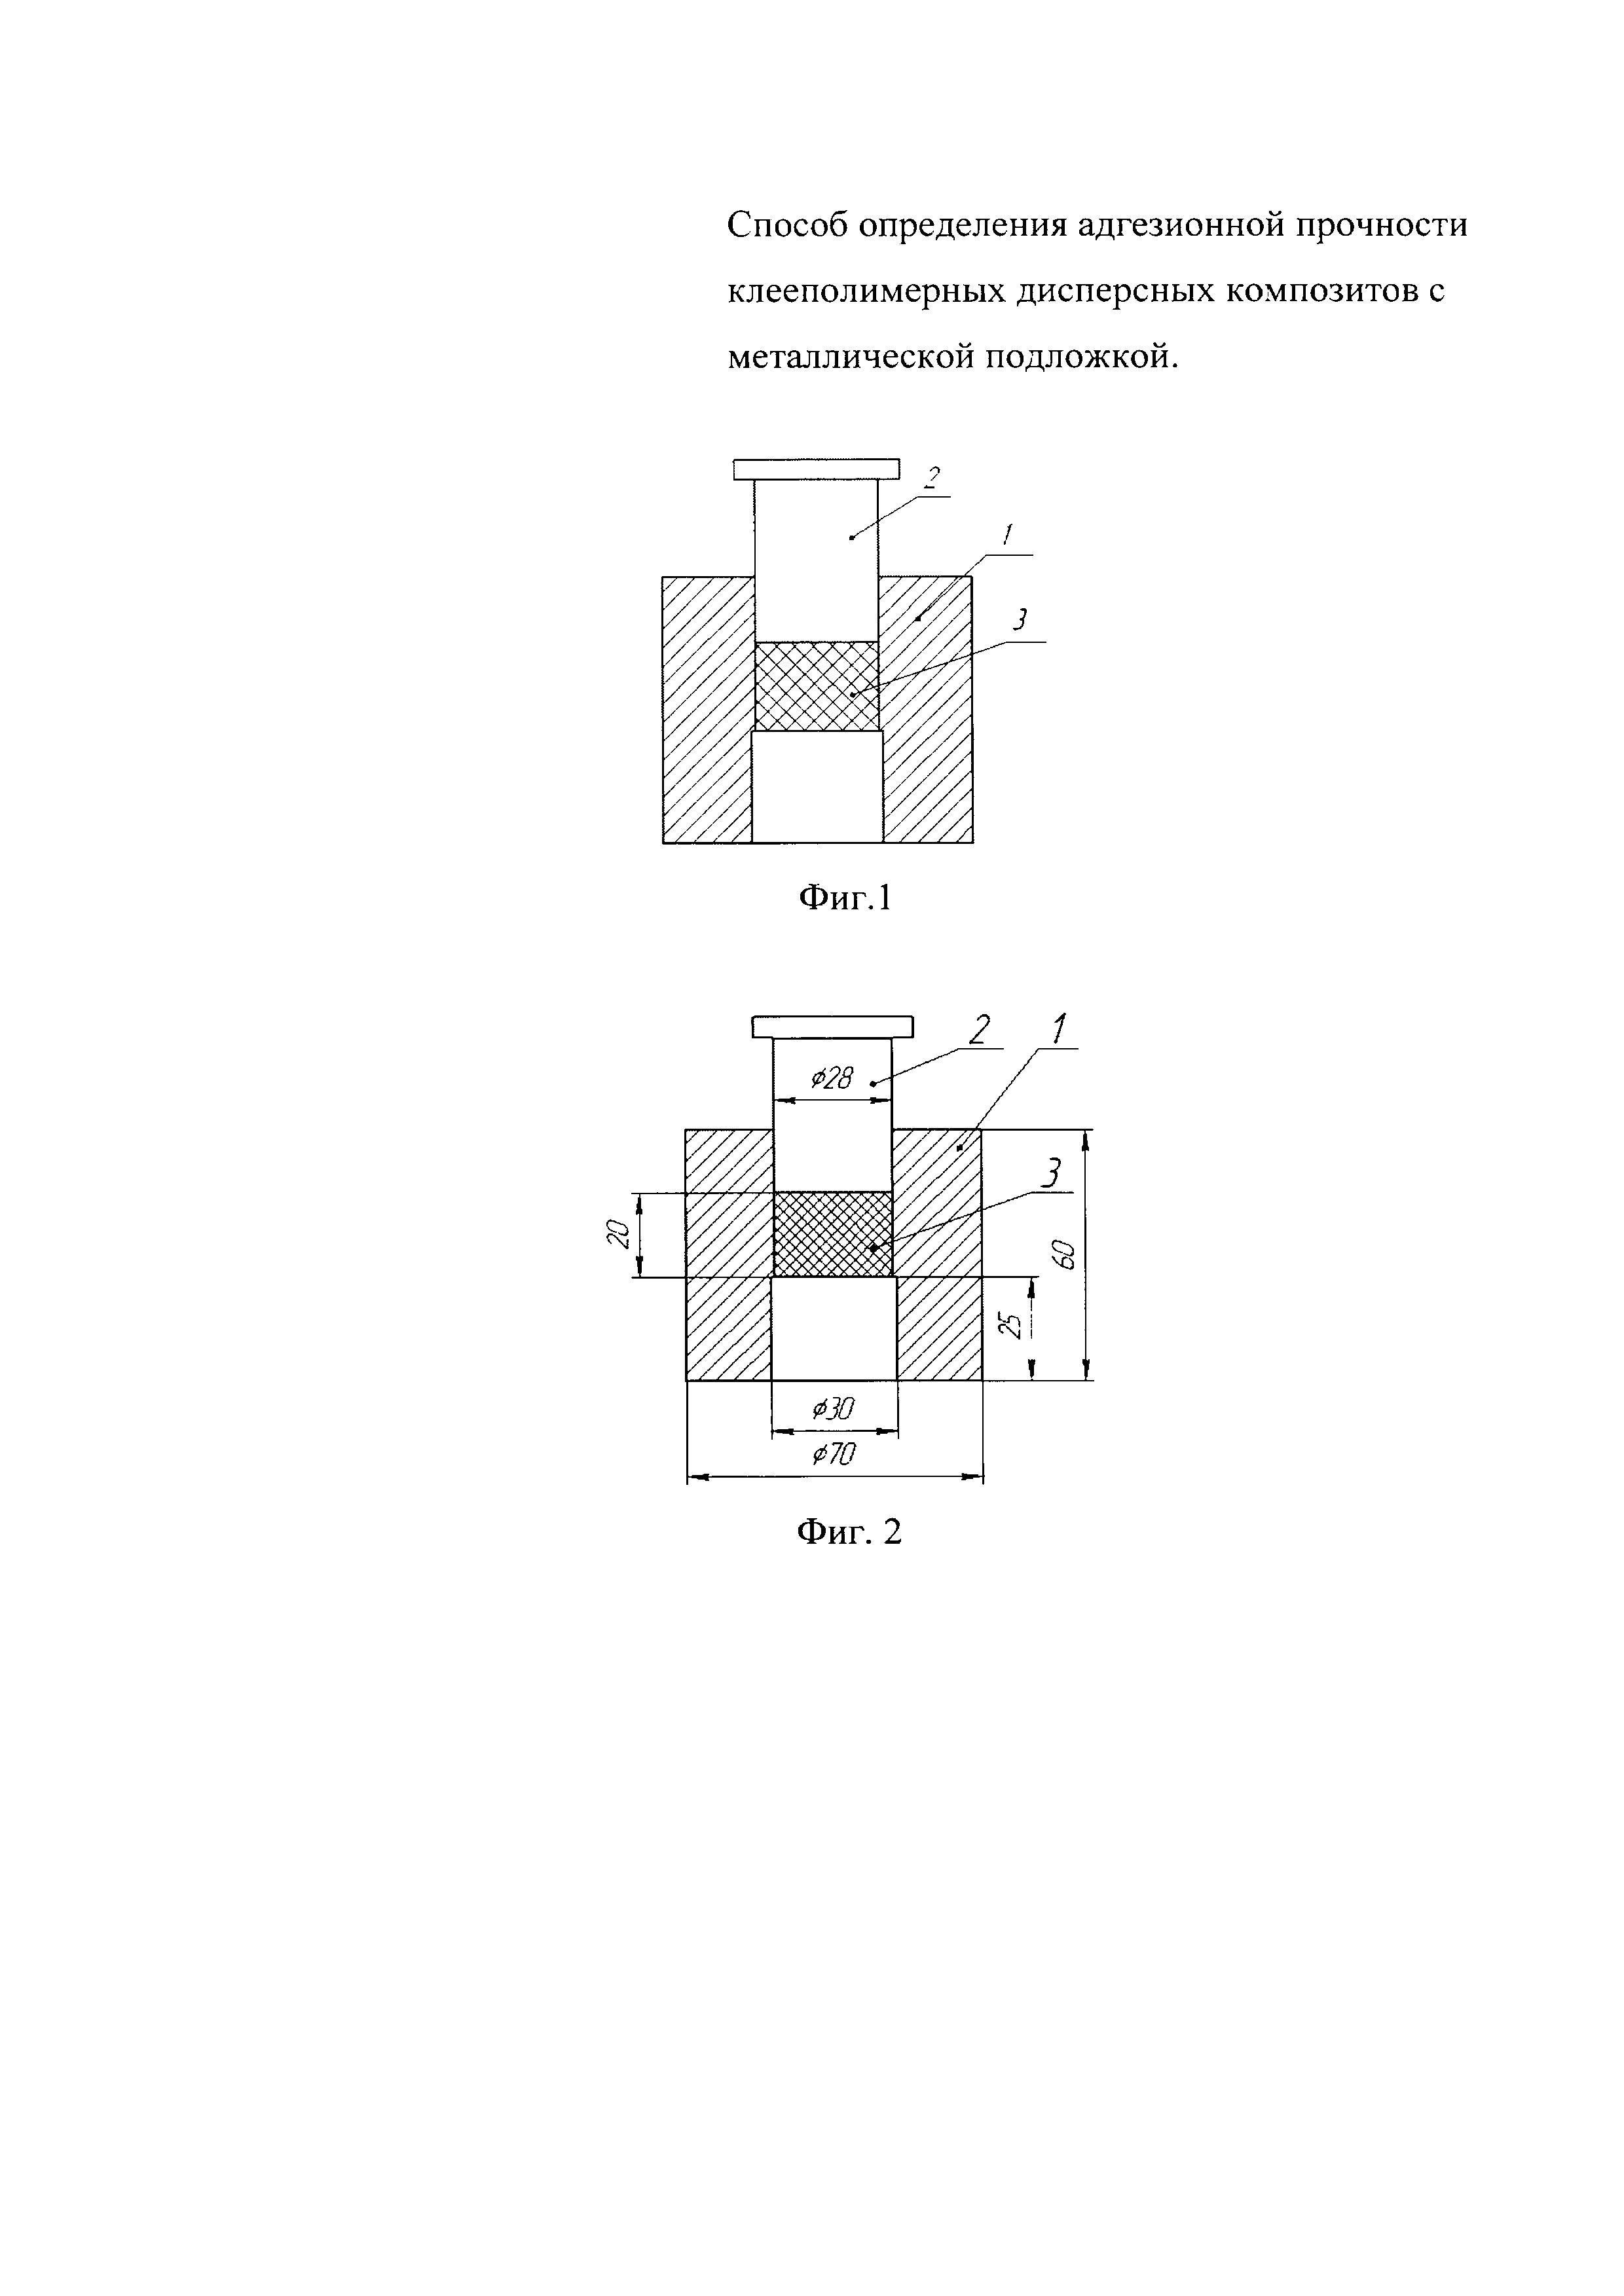 Способ определения адгезионной прочности клееполимерных дисперсных композитов с металлической подложкой